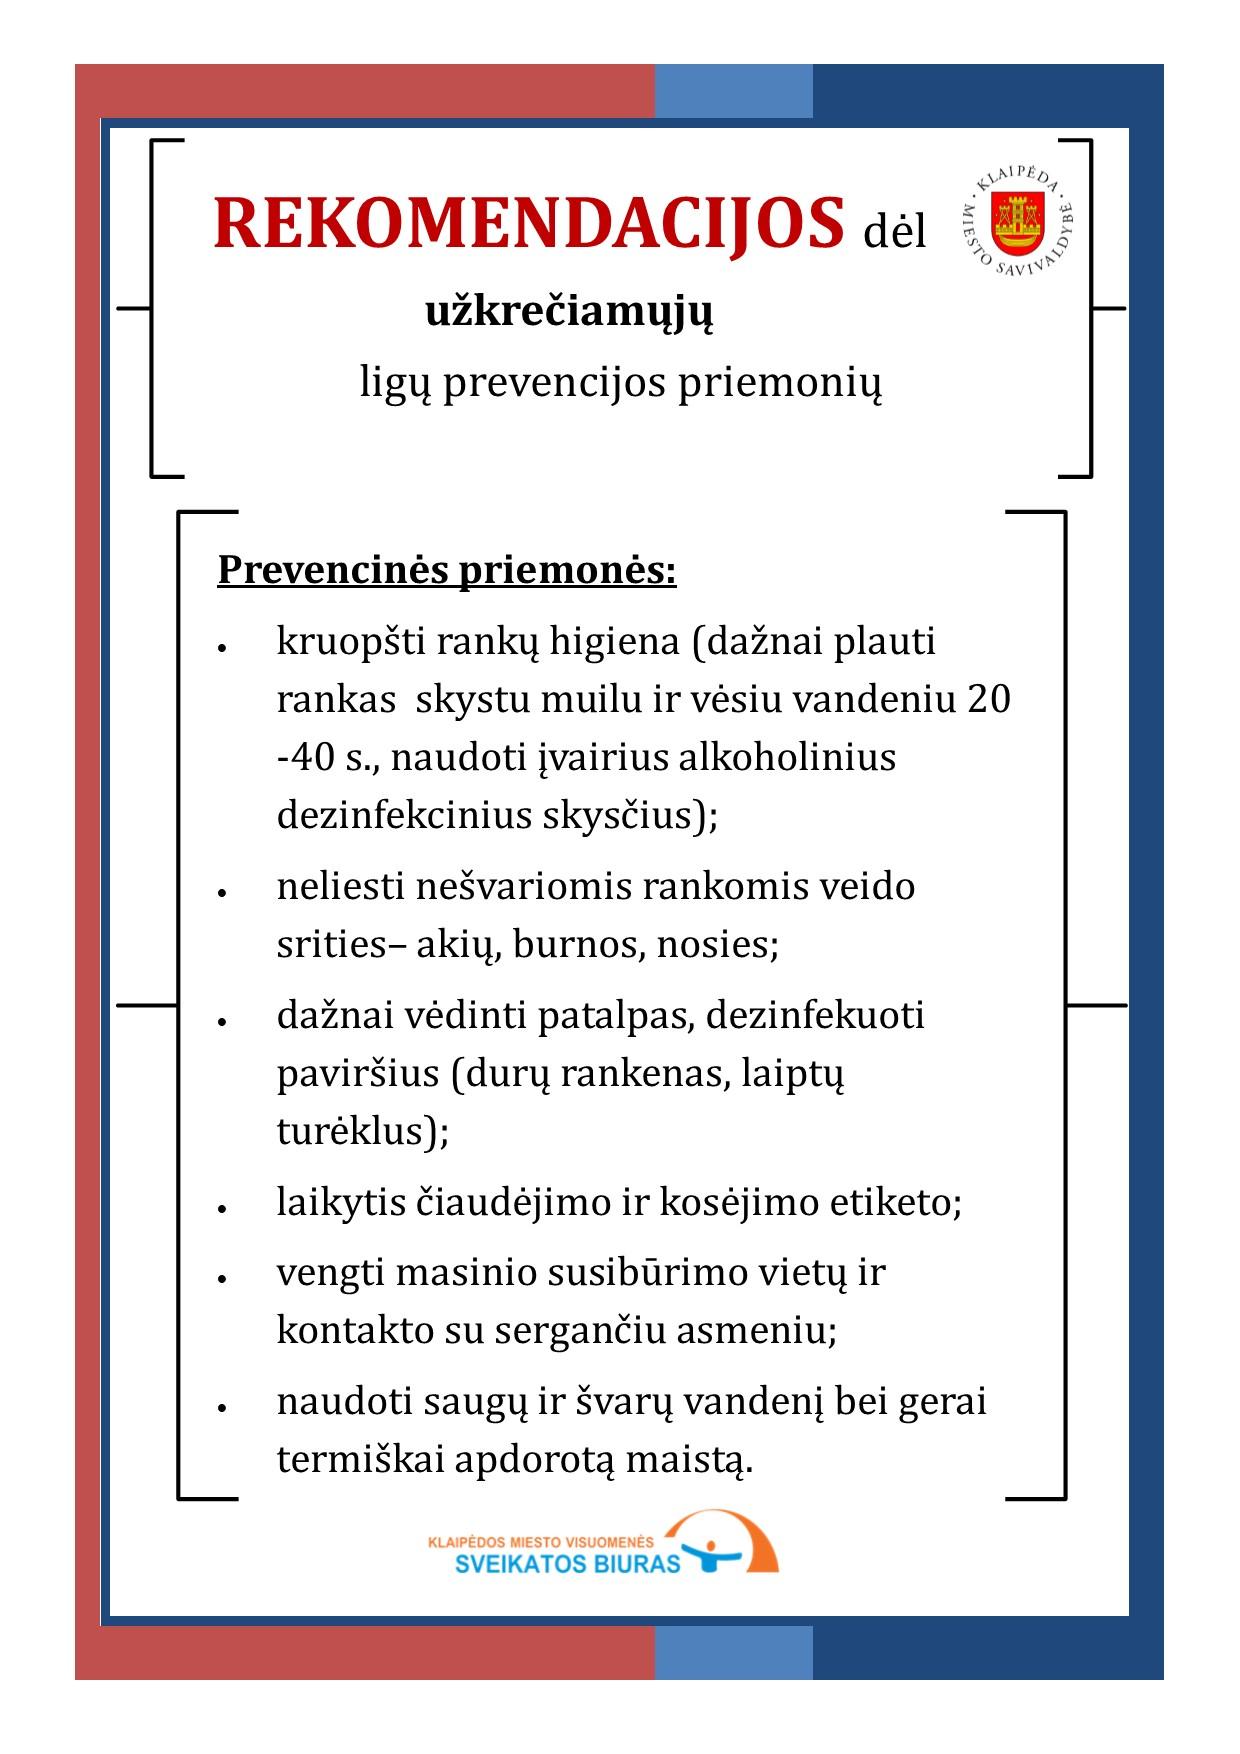 hipertenzijos prevencijos plakatas